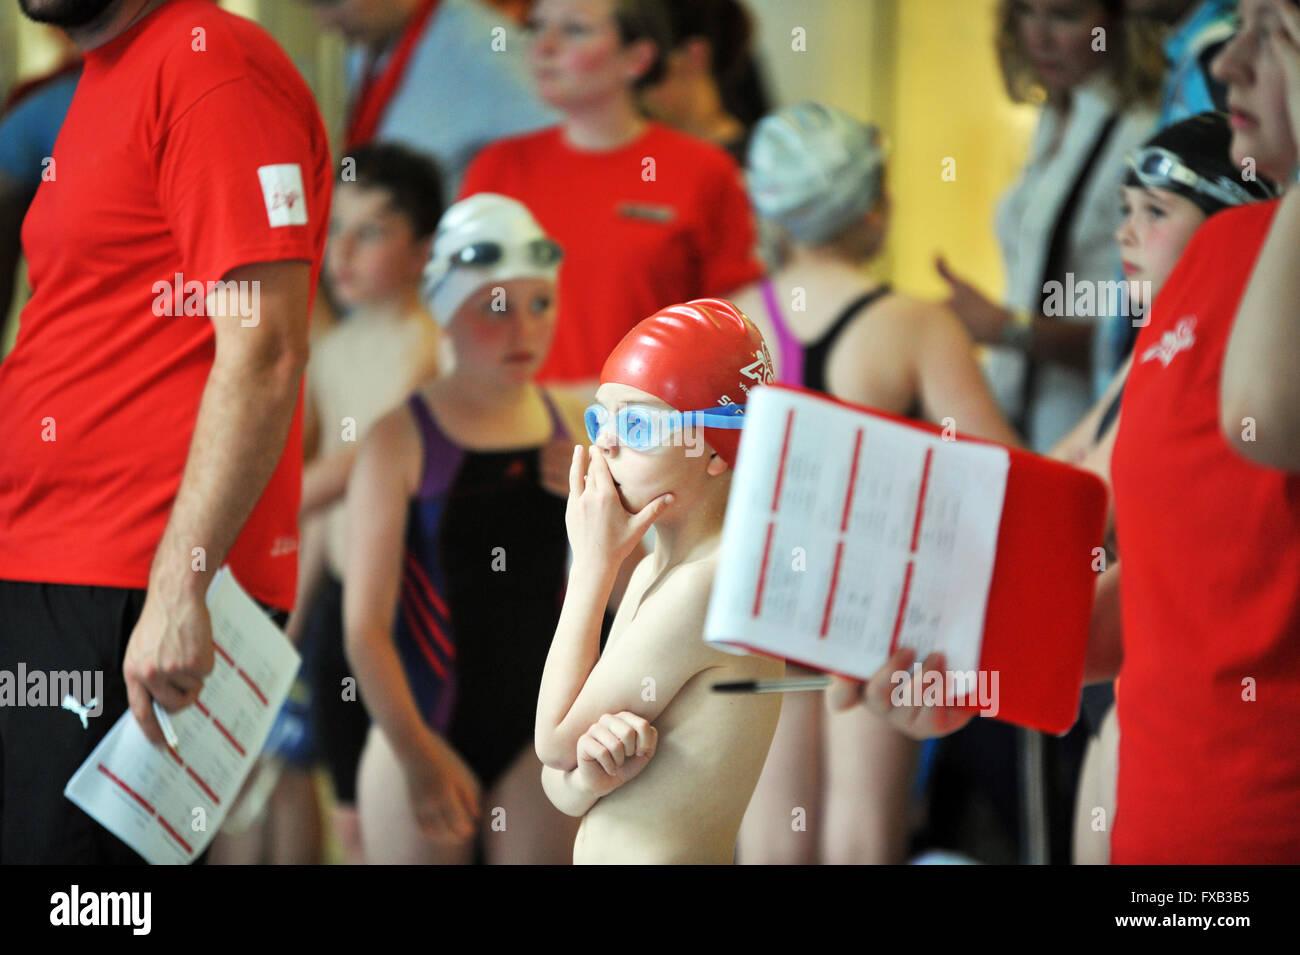 Schwimmfest, Kinder warten die Ergebnisse der Rennen. Stockbild